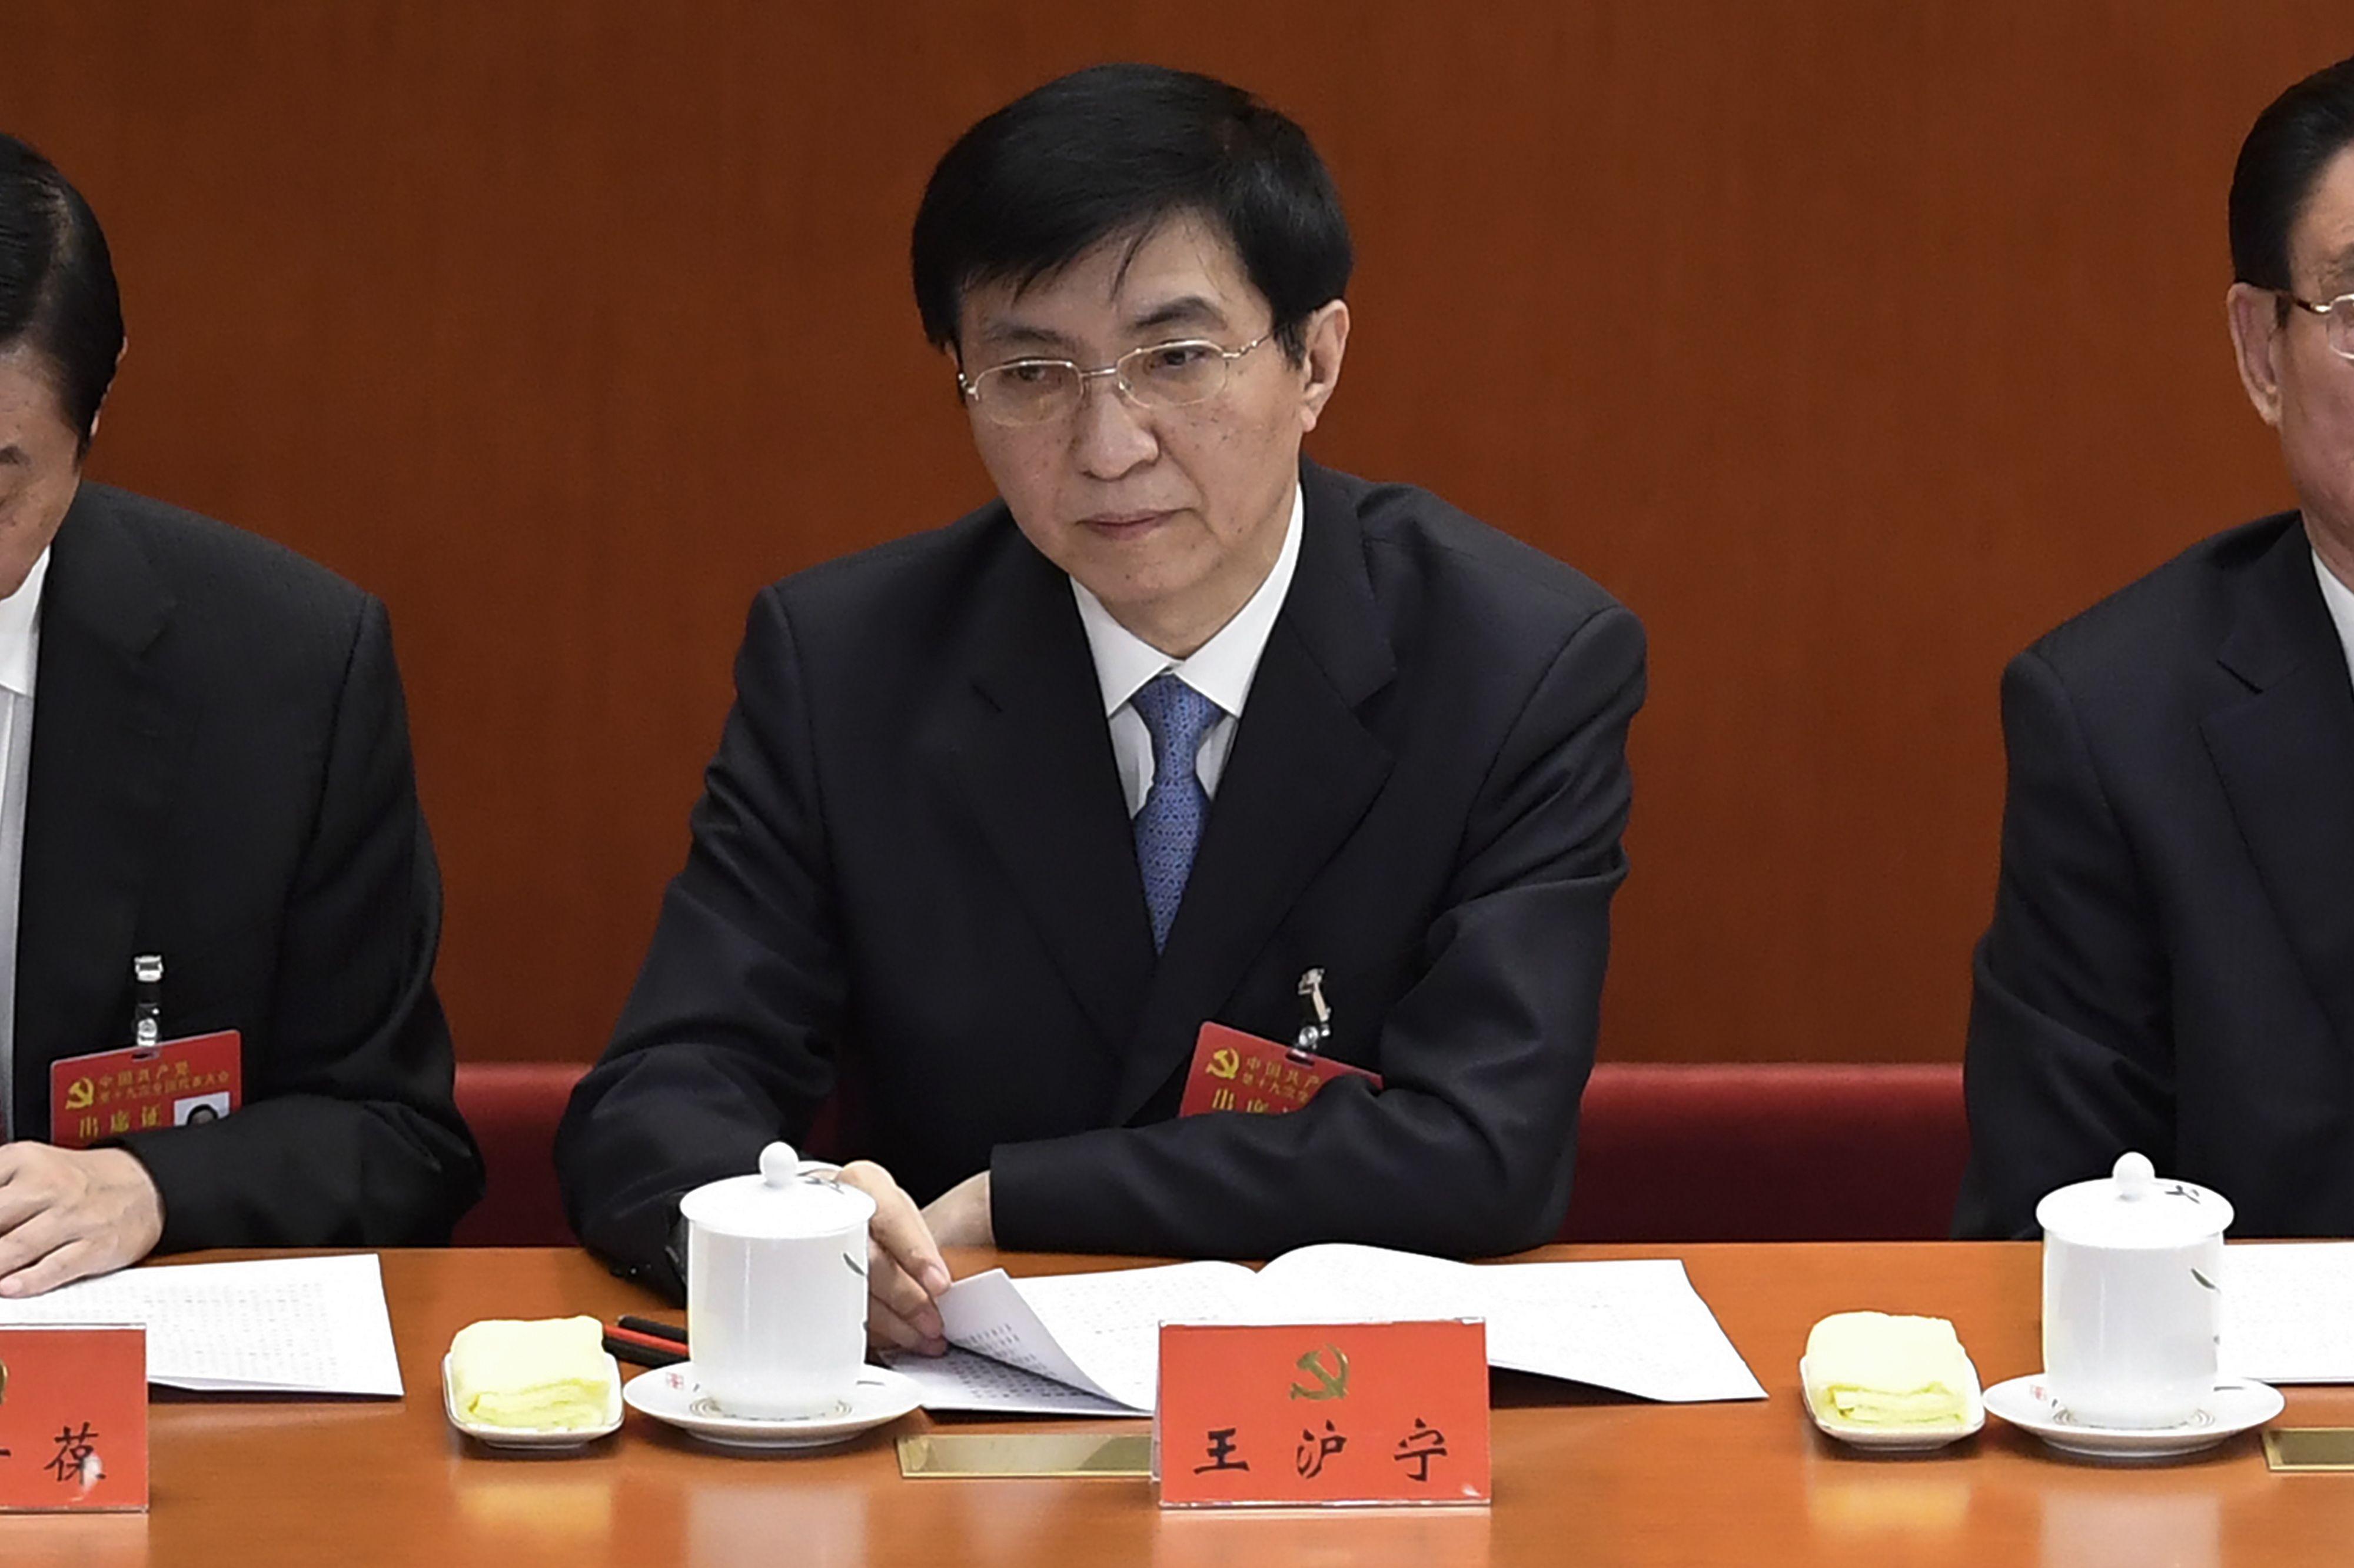 Tiêu điểm - Chân dung dàn lãnh đạo đưa Trung Quốc vào kỷ nguyên mới sau Đại hội Đảng (Hình 5).